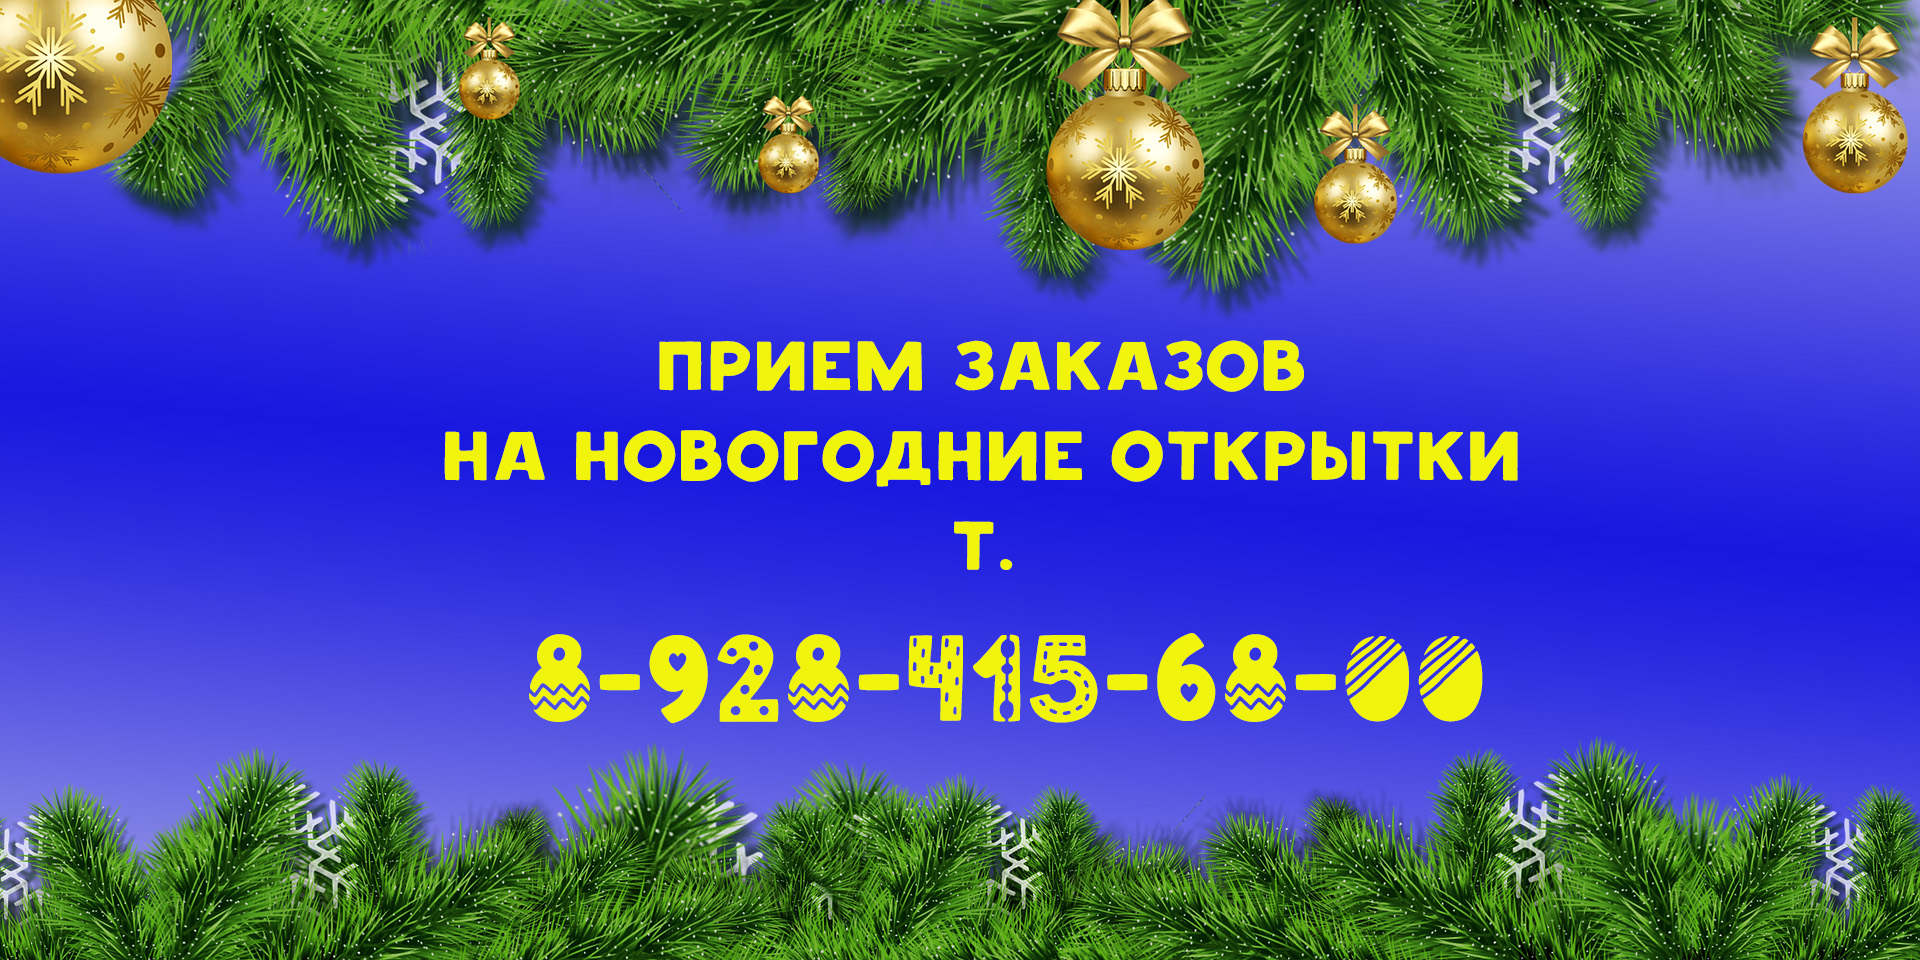 новогоднее поздравление, заказать поздравление на новый год, необычная открытка на новый год